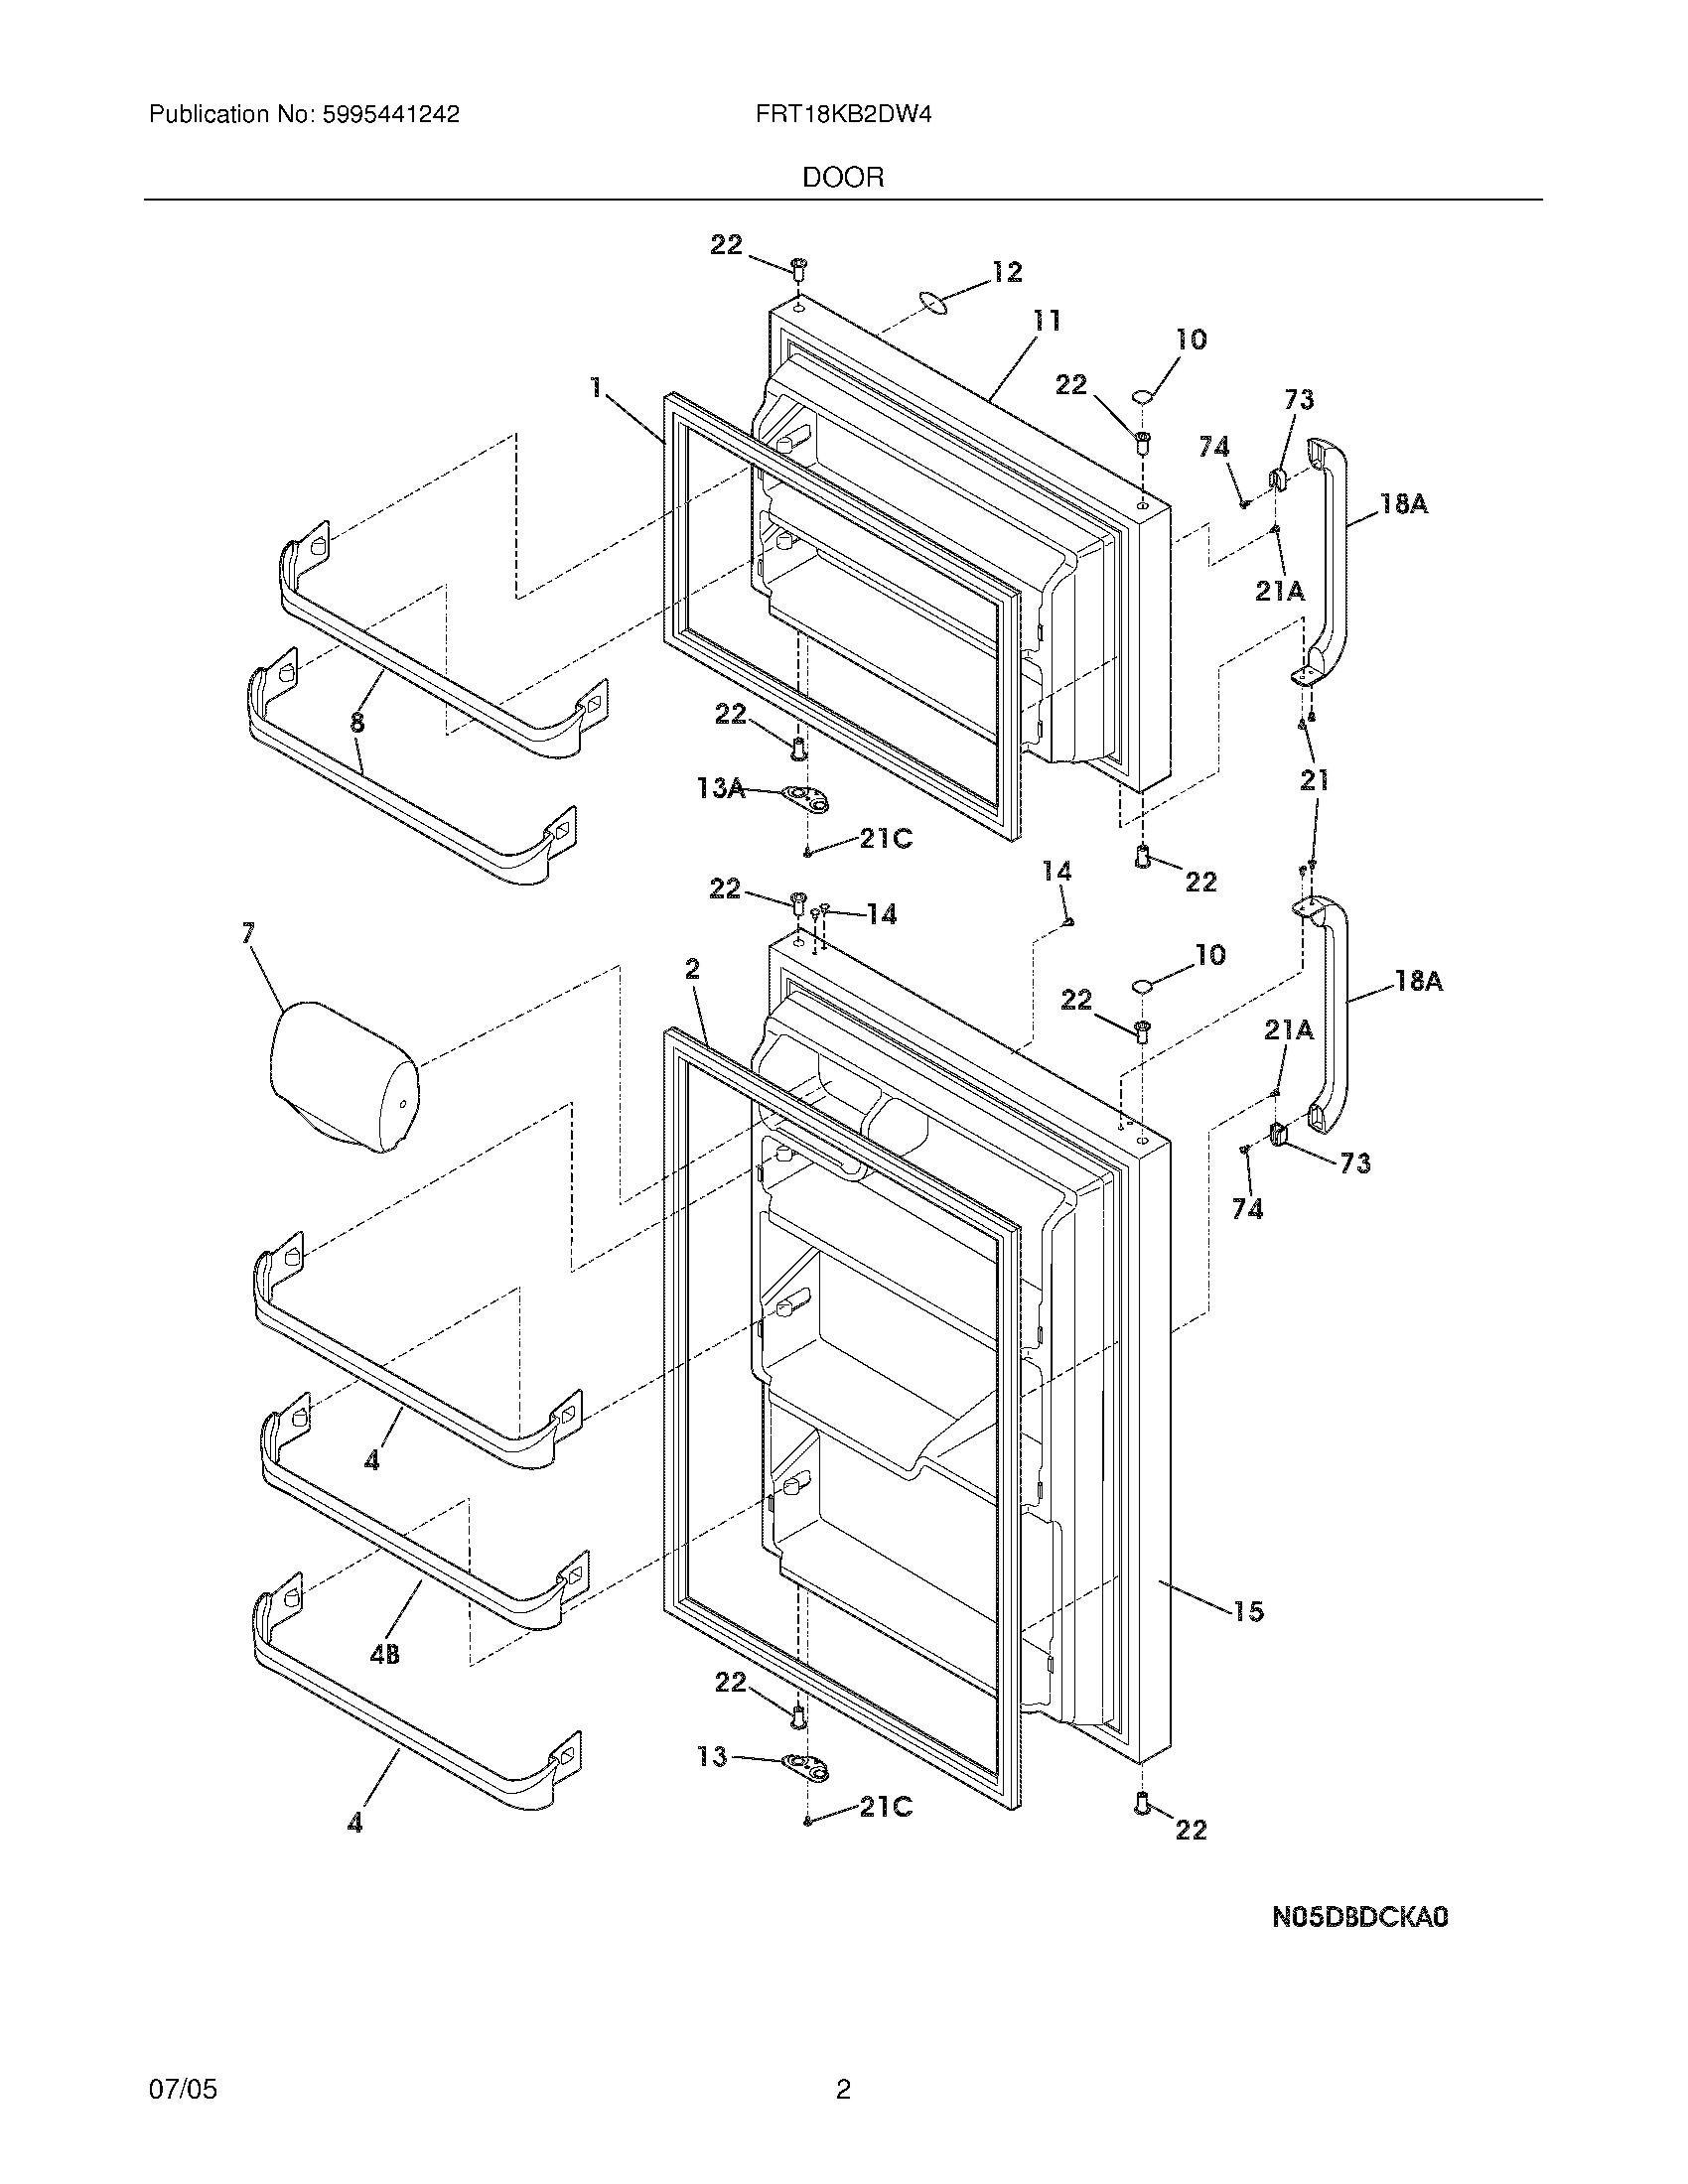 heatcraft condensing unit wiring diagram   40 wiring